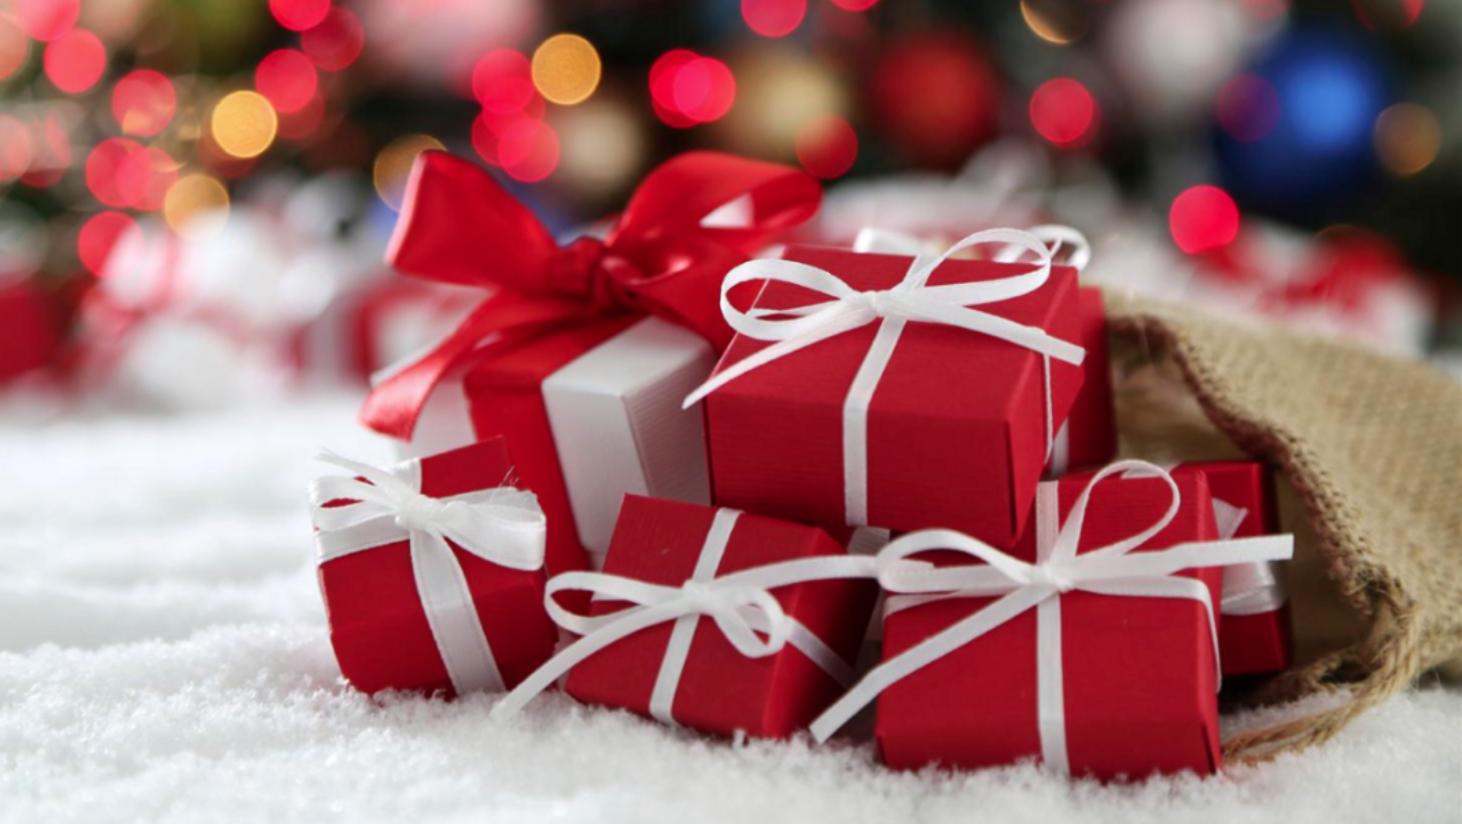 Idee Regalo Colleghi Natale.Idee Regalo Per Natale Milano In Discoteca